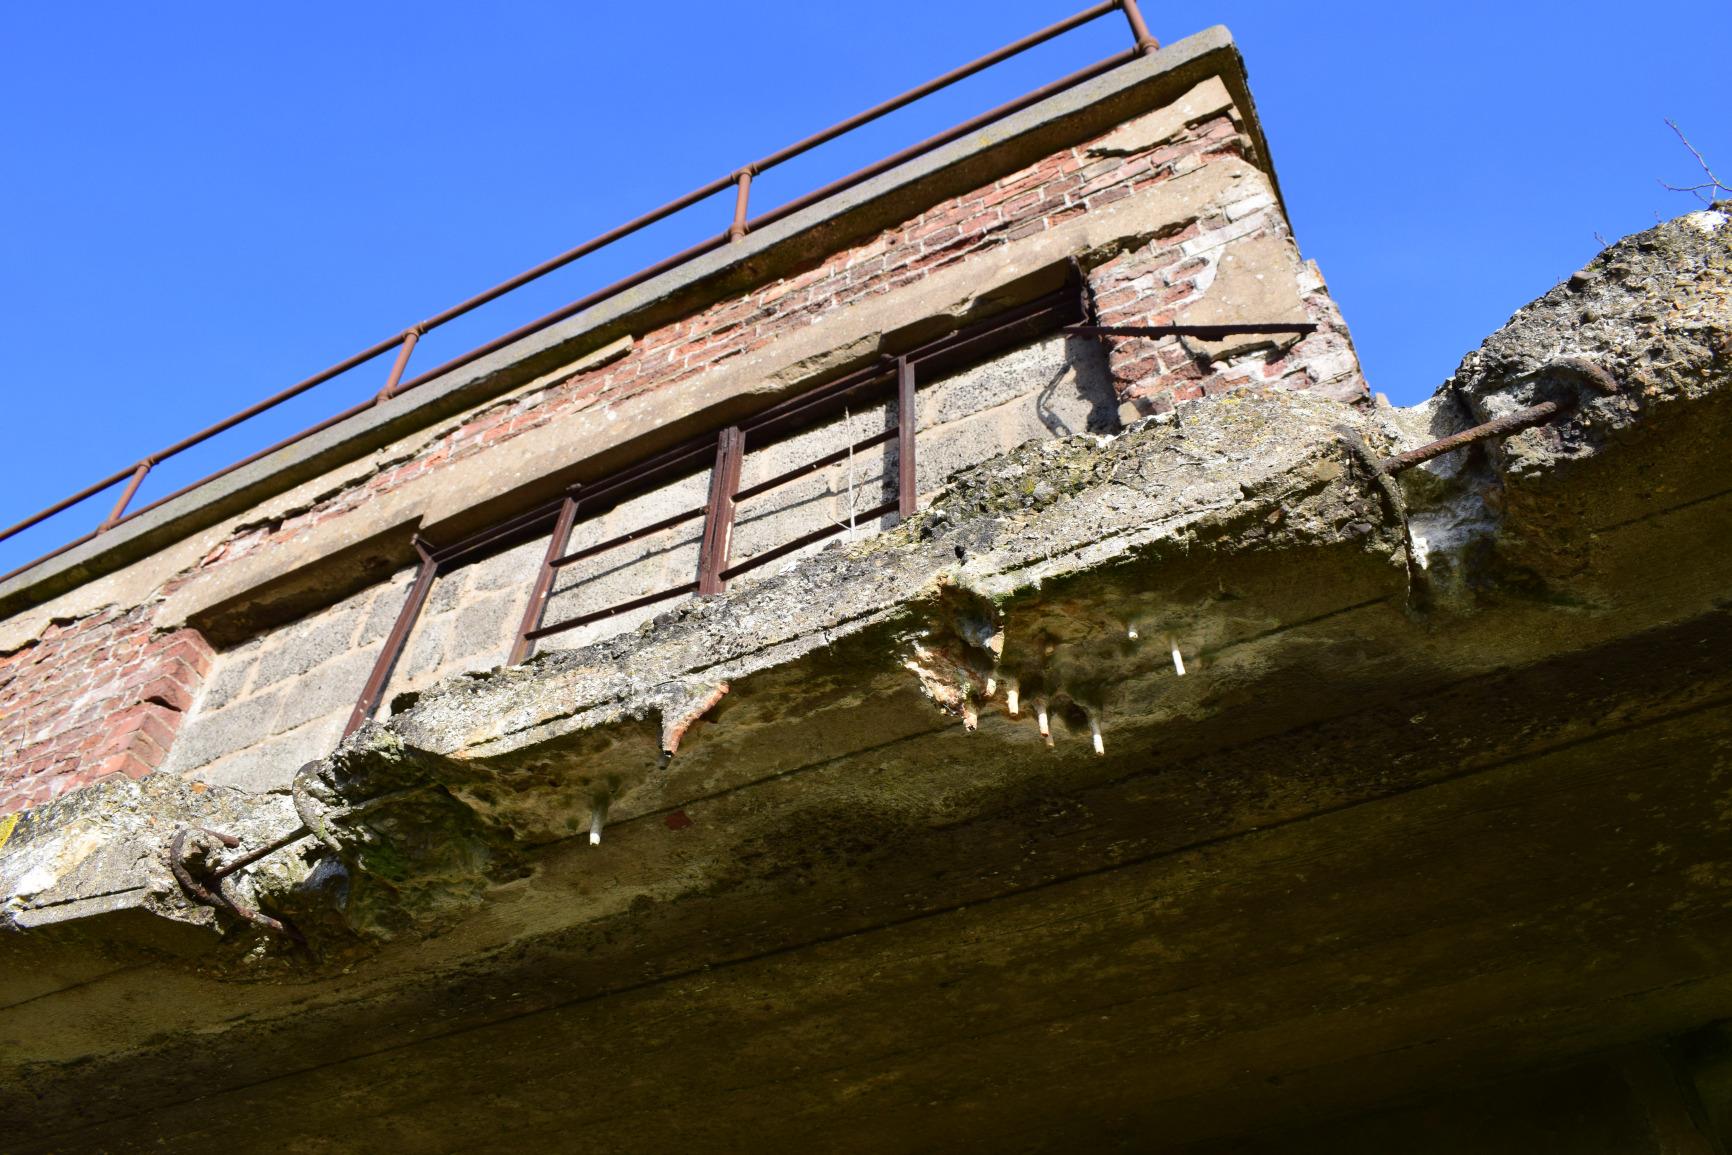 RAF Woolfox Lodge control tower observation deck, Greetham, Rutland